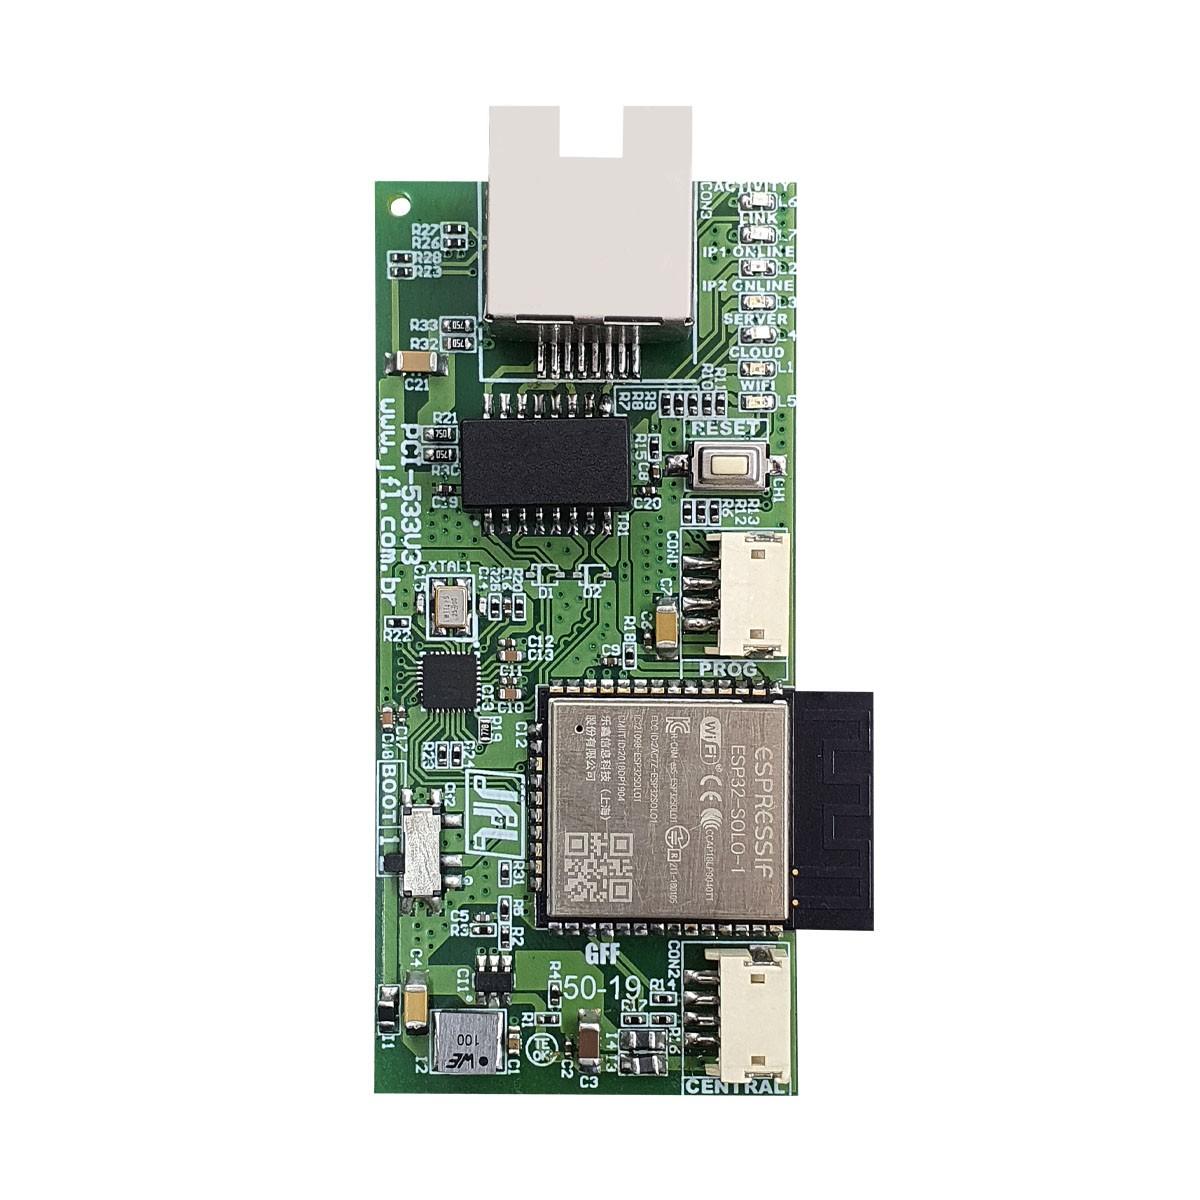 Kit Alarme Active 20 Gprs Com Ethernet Sensores Infra e Magentico Jfl